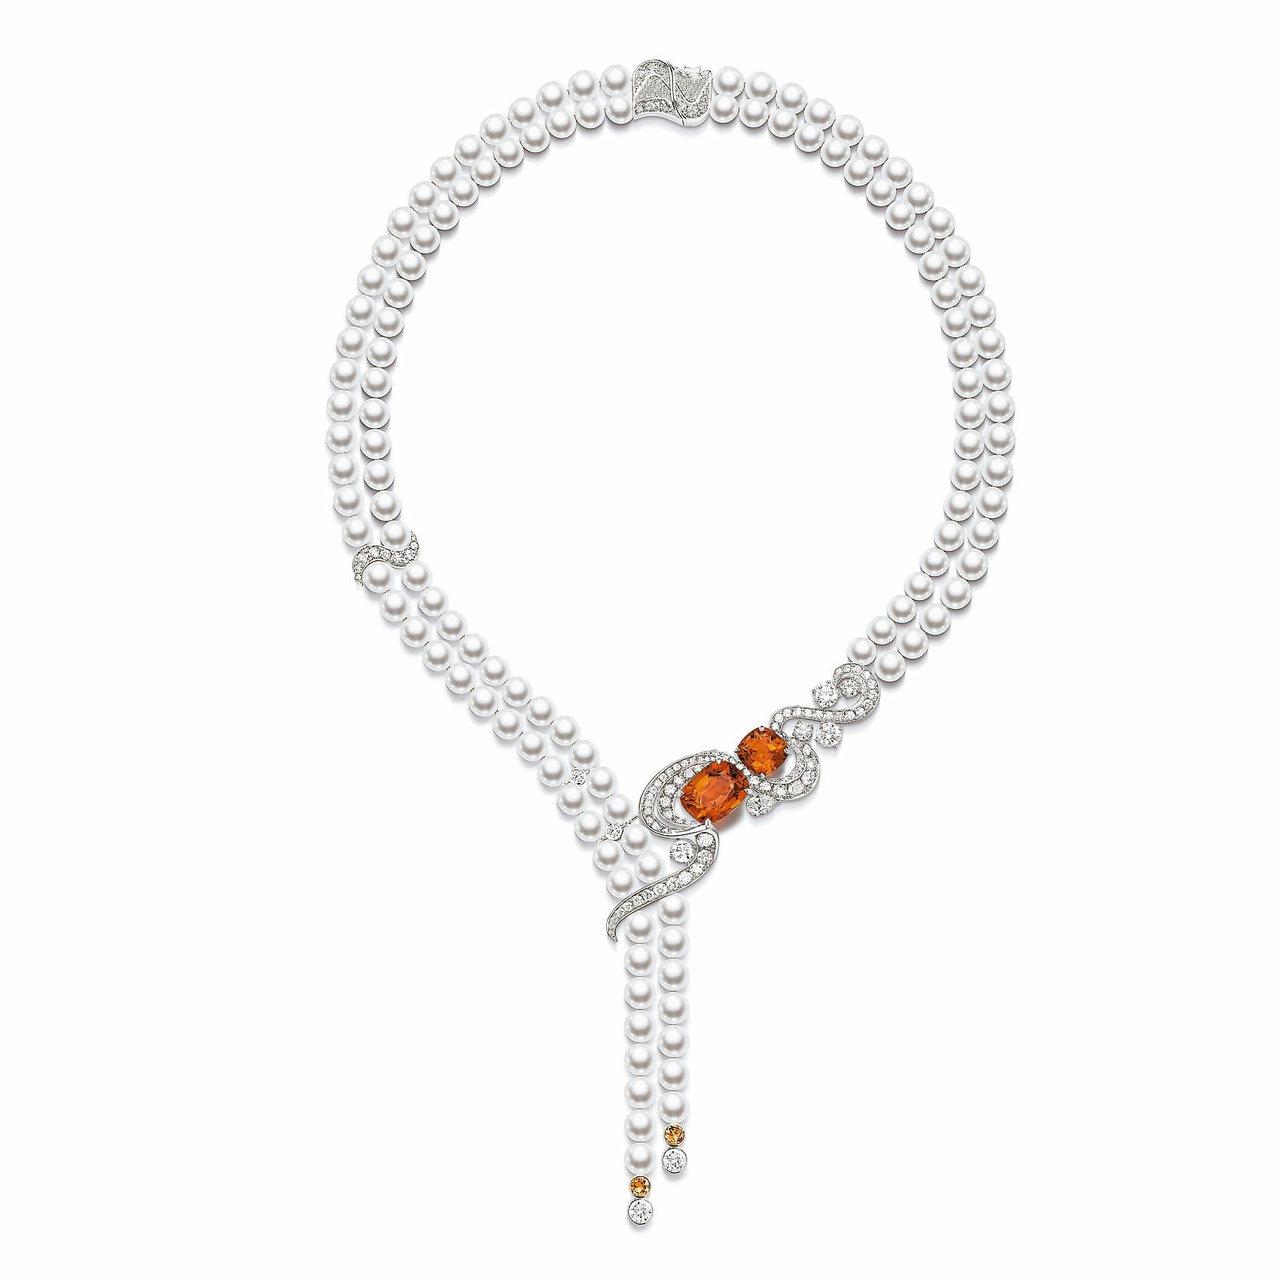 伯爵金燦綠洲系列頂級珠寶「極致魅惑」錳鋁榴石頂級珠寶珍珠項鍊,595萬元。 圖/...